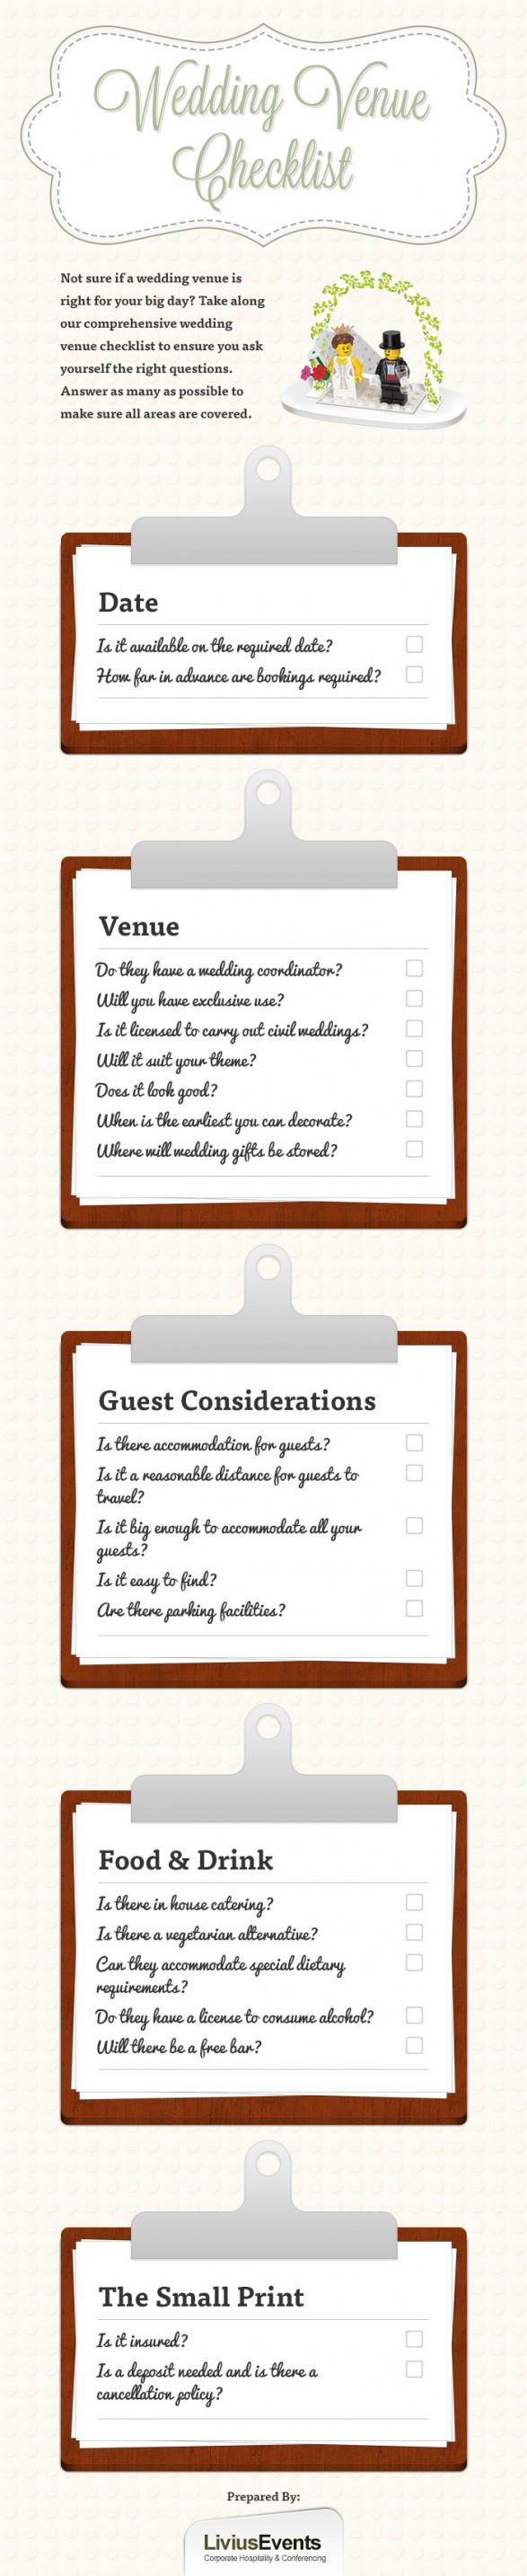 Wedding Venue Checklist